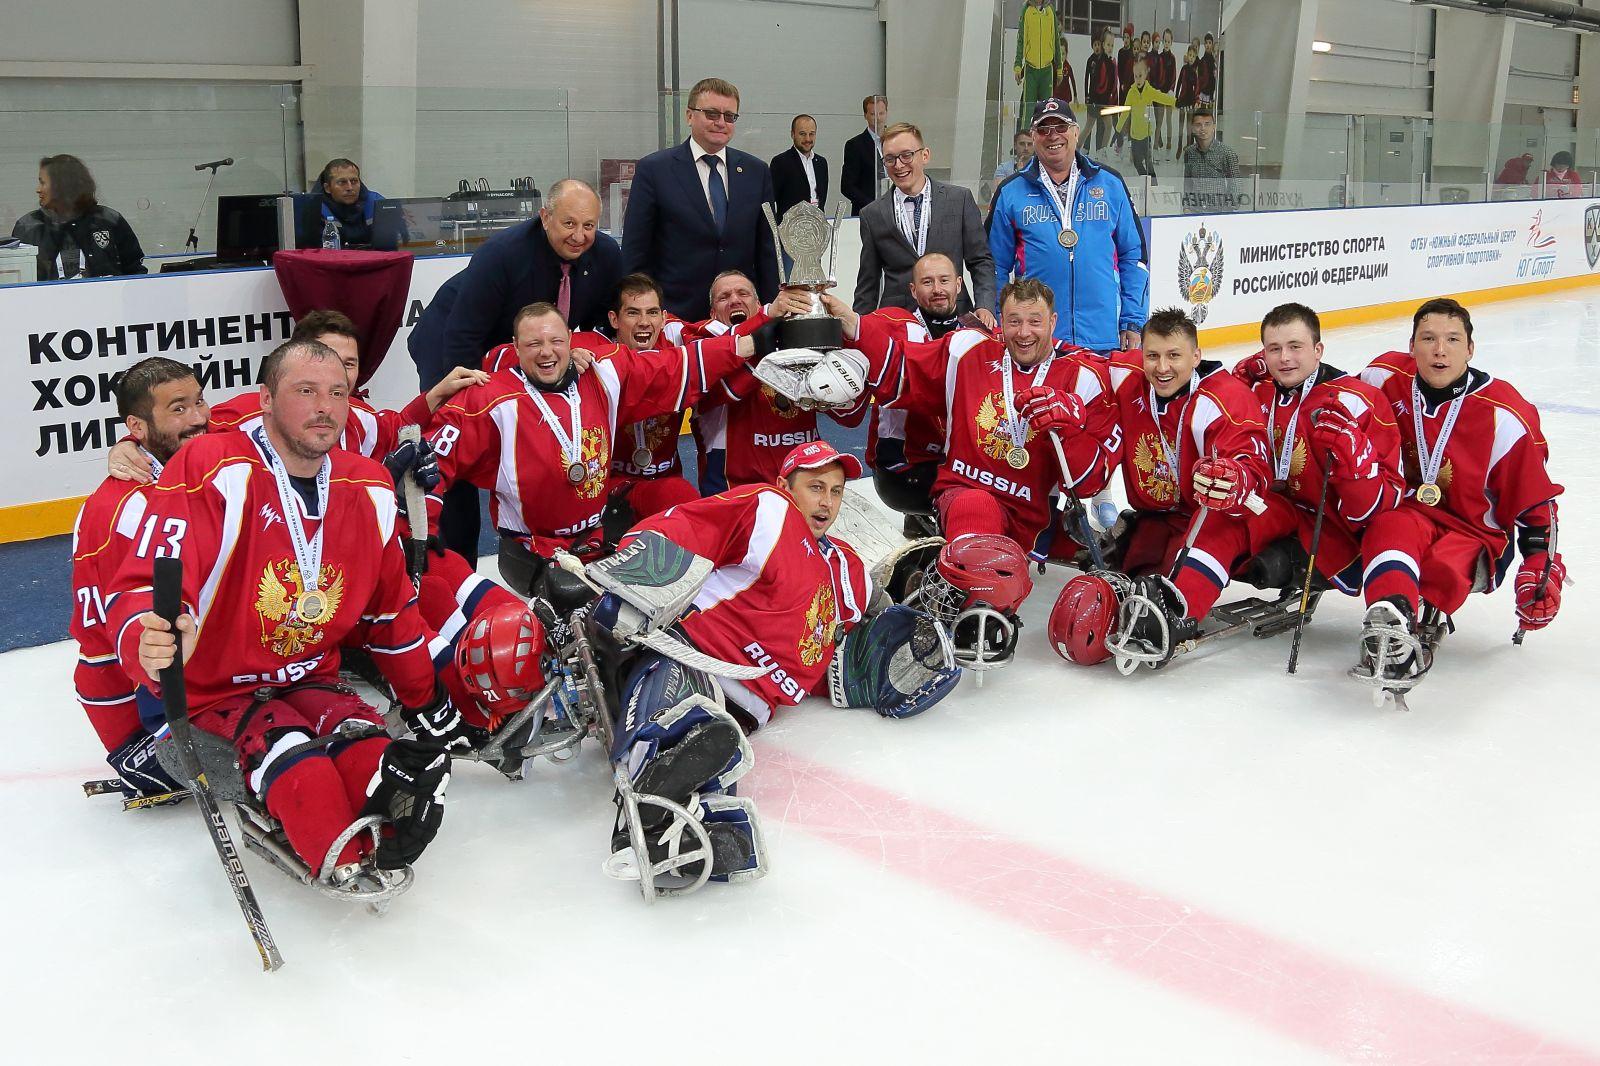 Команда Россия-1 стала обладателем Кубка континента по хоккею-следж 2019 года